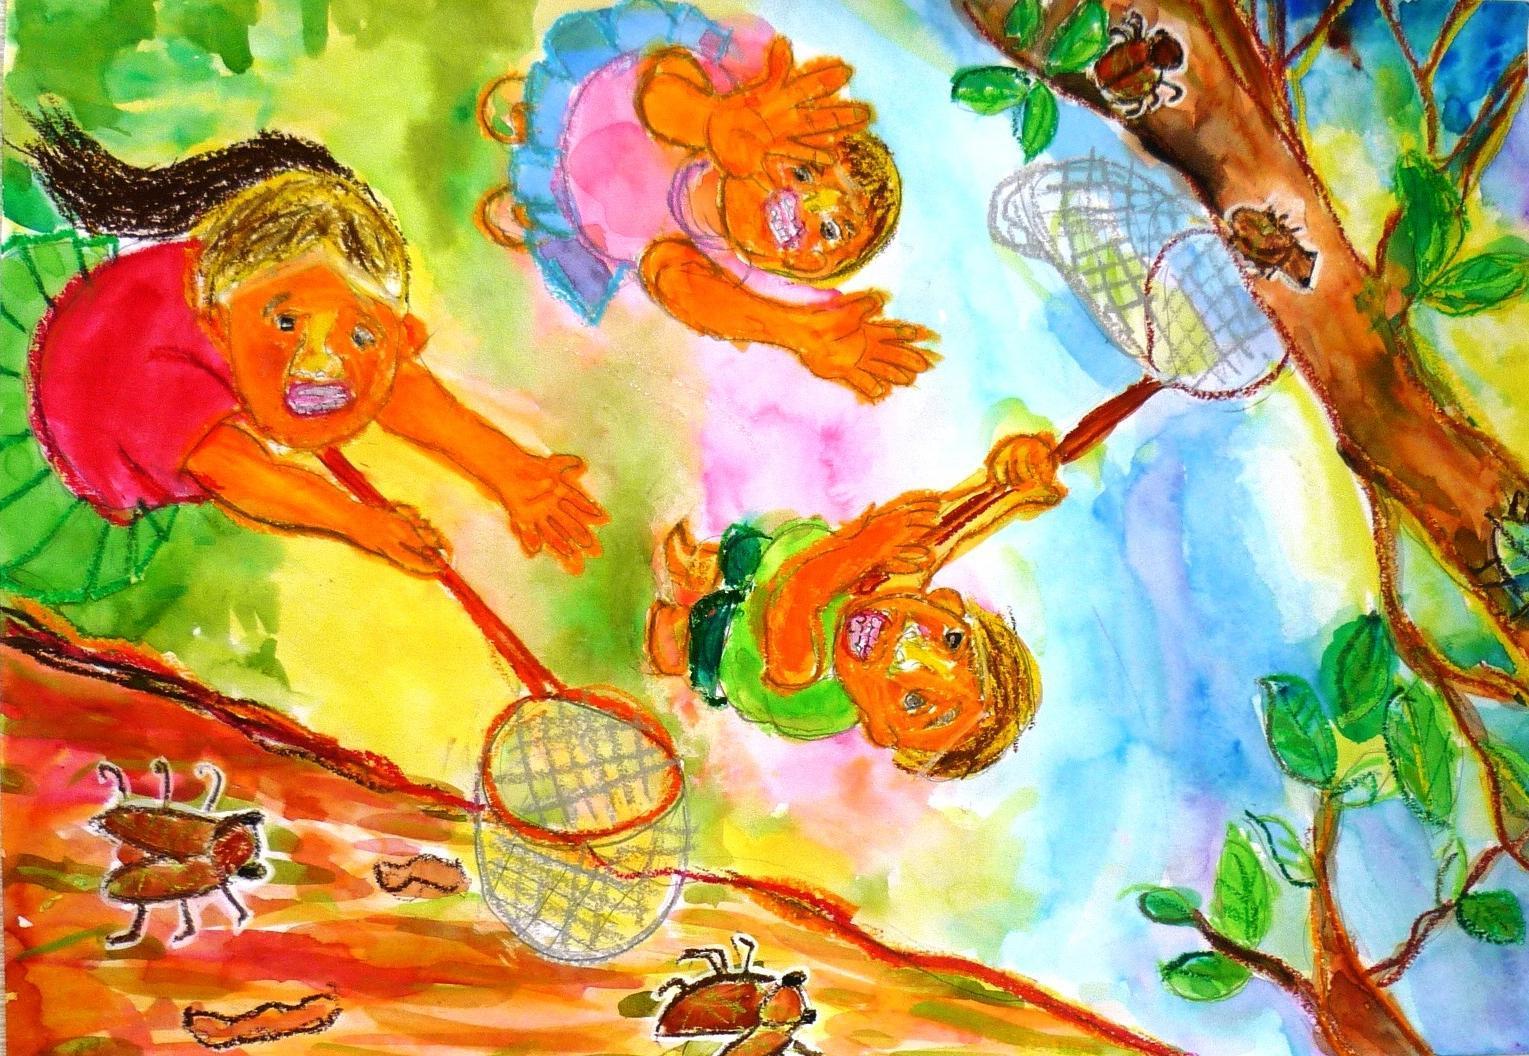 【最優秀賞】里 愛菜さん(4年生) 第11回環境絵画コンクール